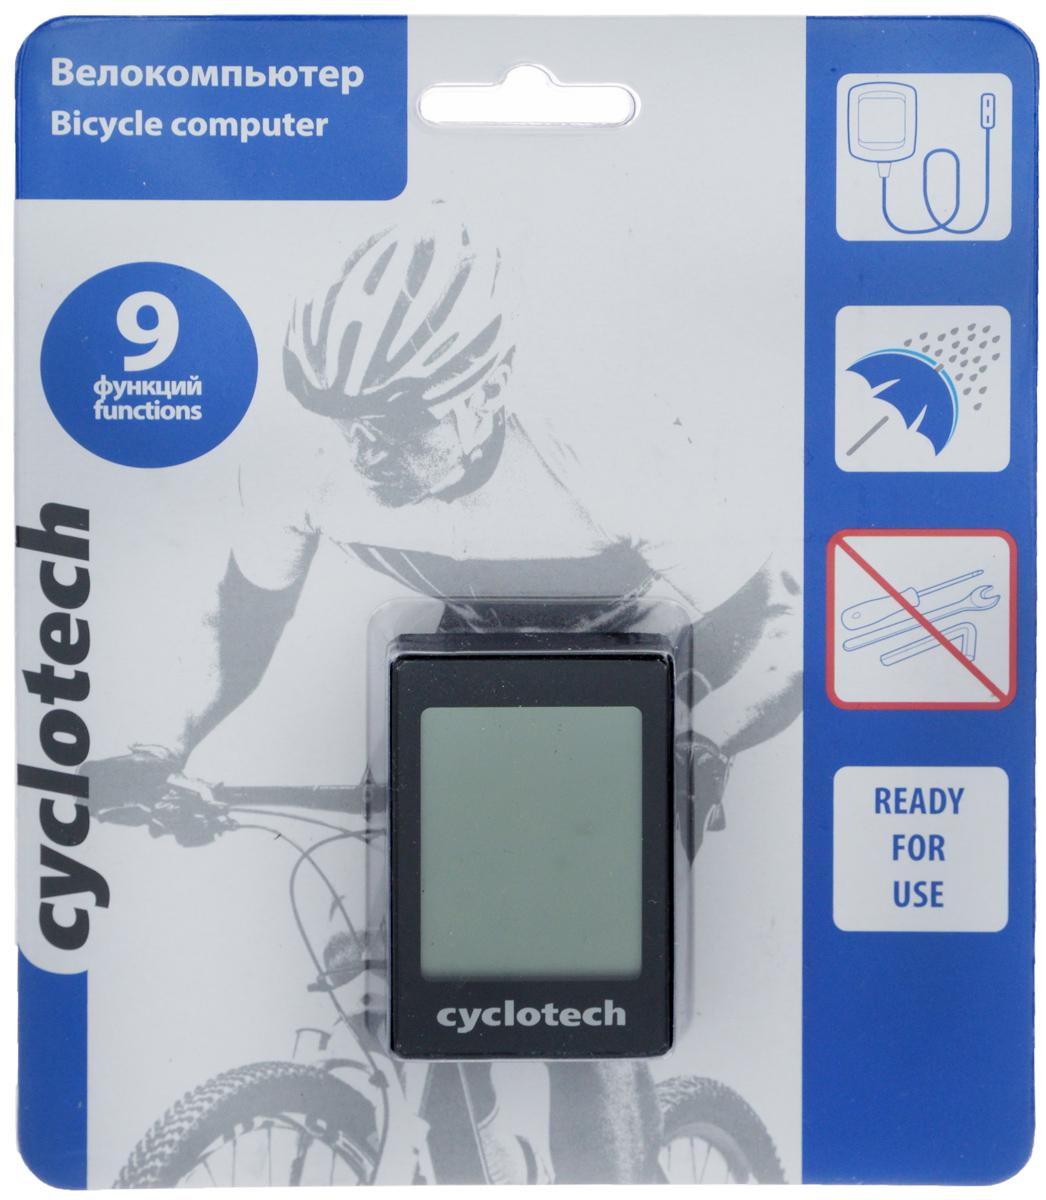 Велокомпьютер Cyclotech, 9 функцийMW-1462-01-SR серебристыйПроводной велокомпьютер Cyclotech оснащен девятью функциями и предназначен для использования при занятиях велоспортом. Это удобный и простой в использовании электронный прибор, предоставляющий велосипедисту всю необходимую информацию о поездке. Велокомпьютер крепится на руле с возможностью мгновенно отсоединить его, когда нет желания оставлять на велосипеде без присмотра или под дождем. Функции: сравнение скоростей; текущий пробег; задание дистанций; память на два велосипеда; время в пути; часы; режим энергосбережения; автоматический старт измерений; возможность конвертации из миль в километры и обратно.